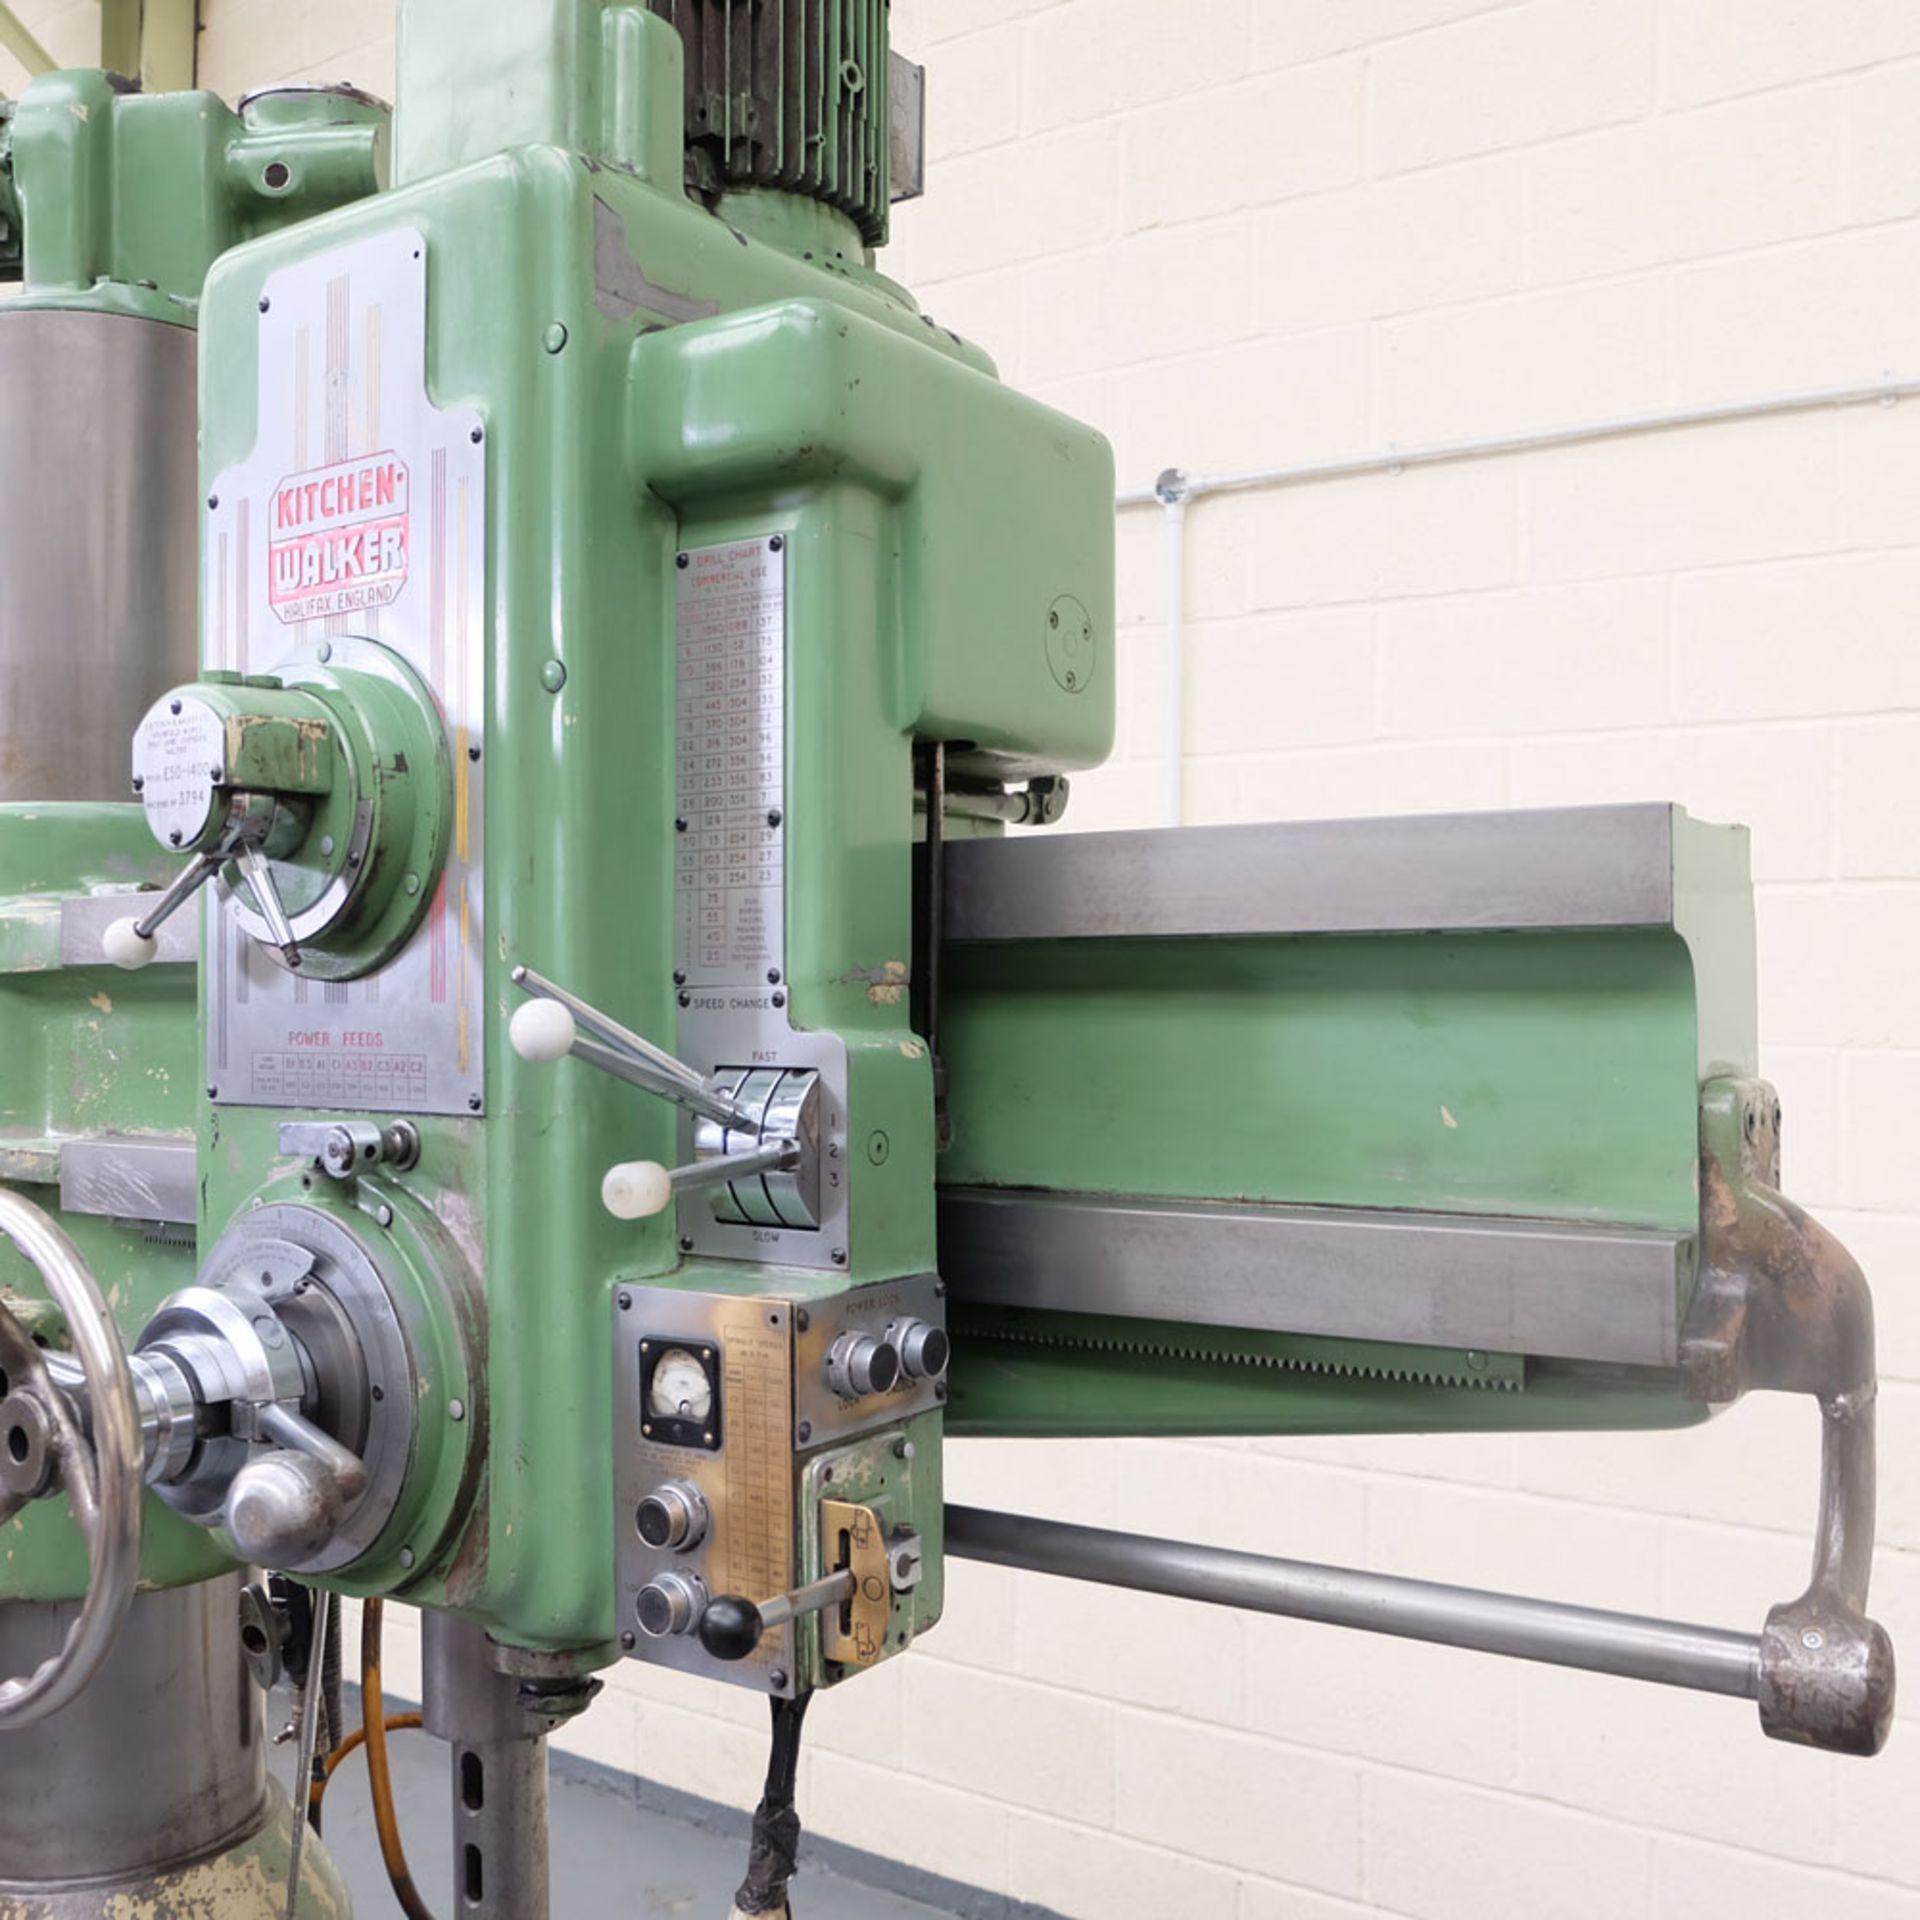 Kitchen-Walker Model E50-1400 4 1/2 FT Radial Alarm Drill. - Image 10 of 16